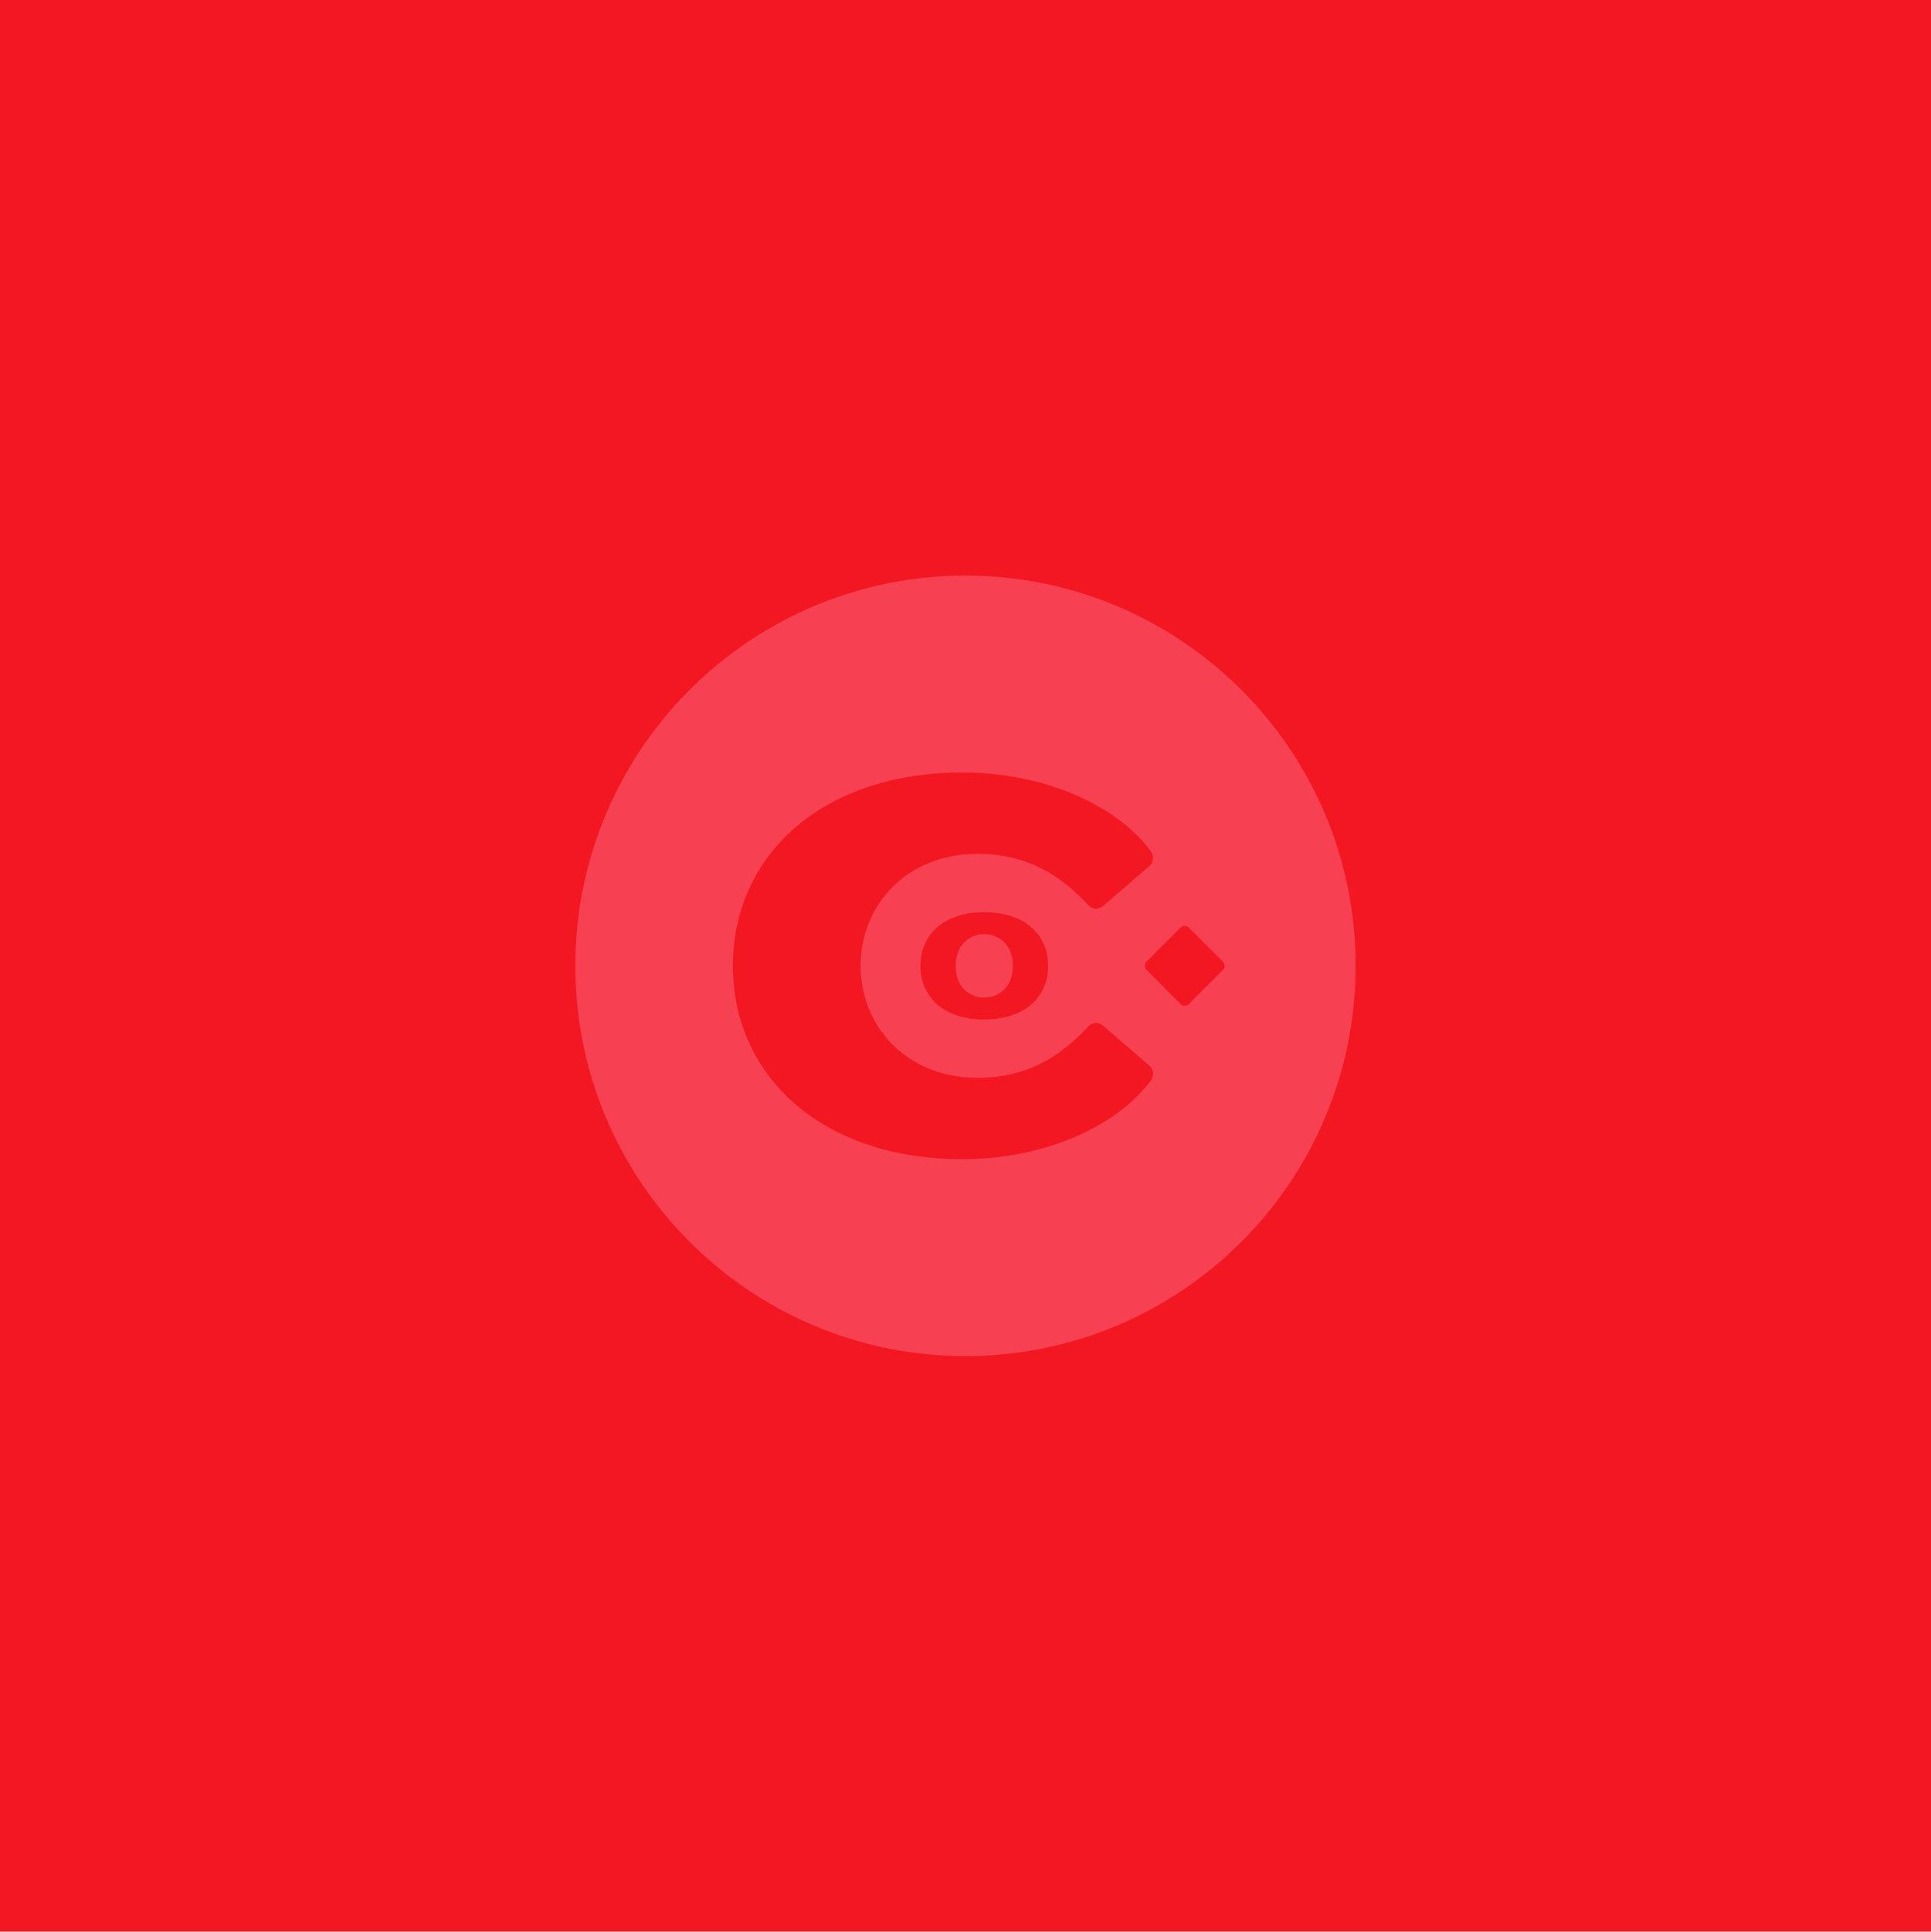 RESCO_Blocks_Brand_7.jpg